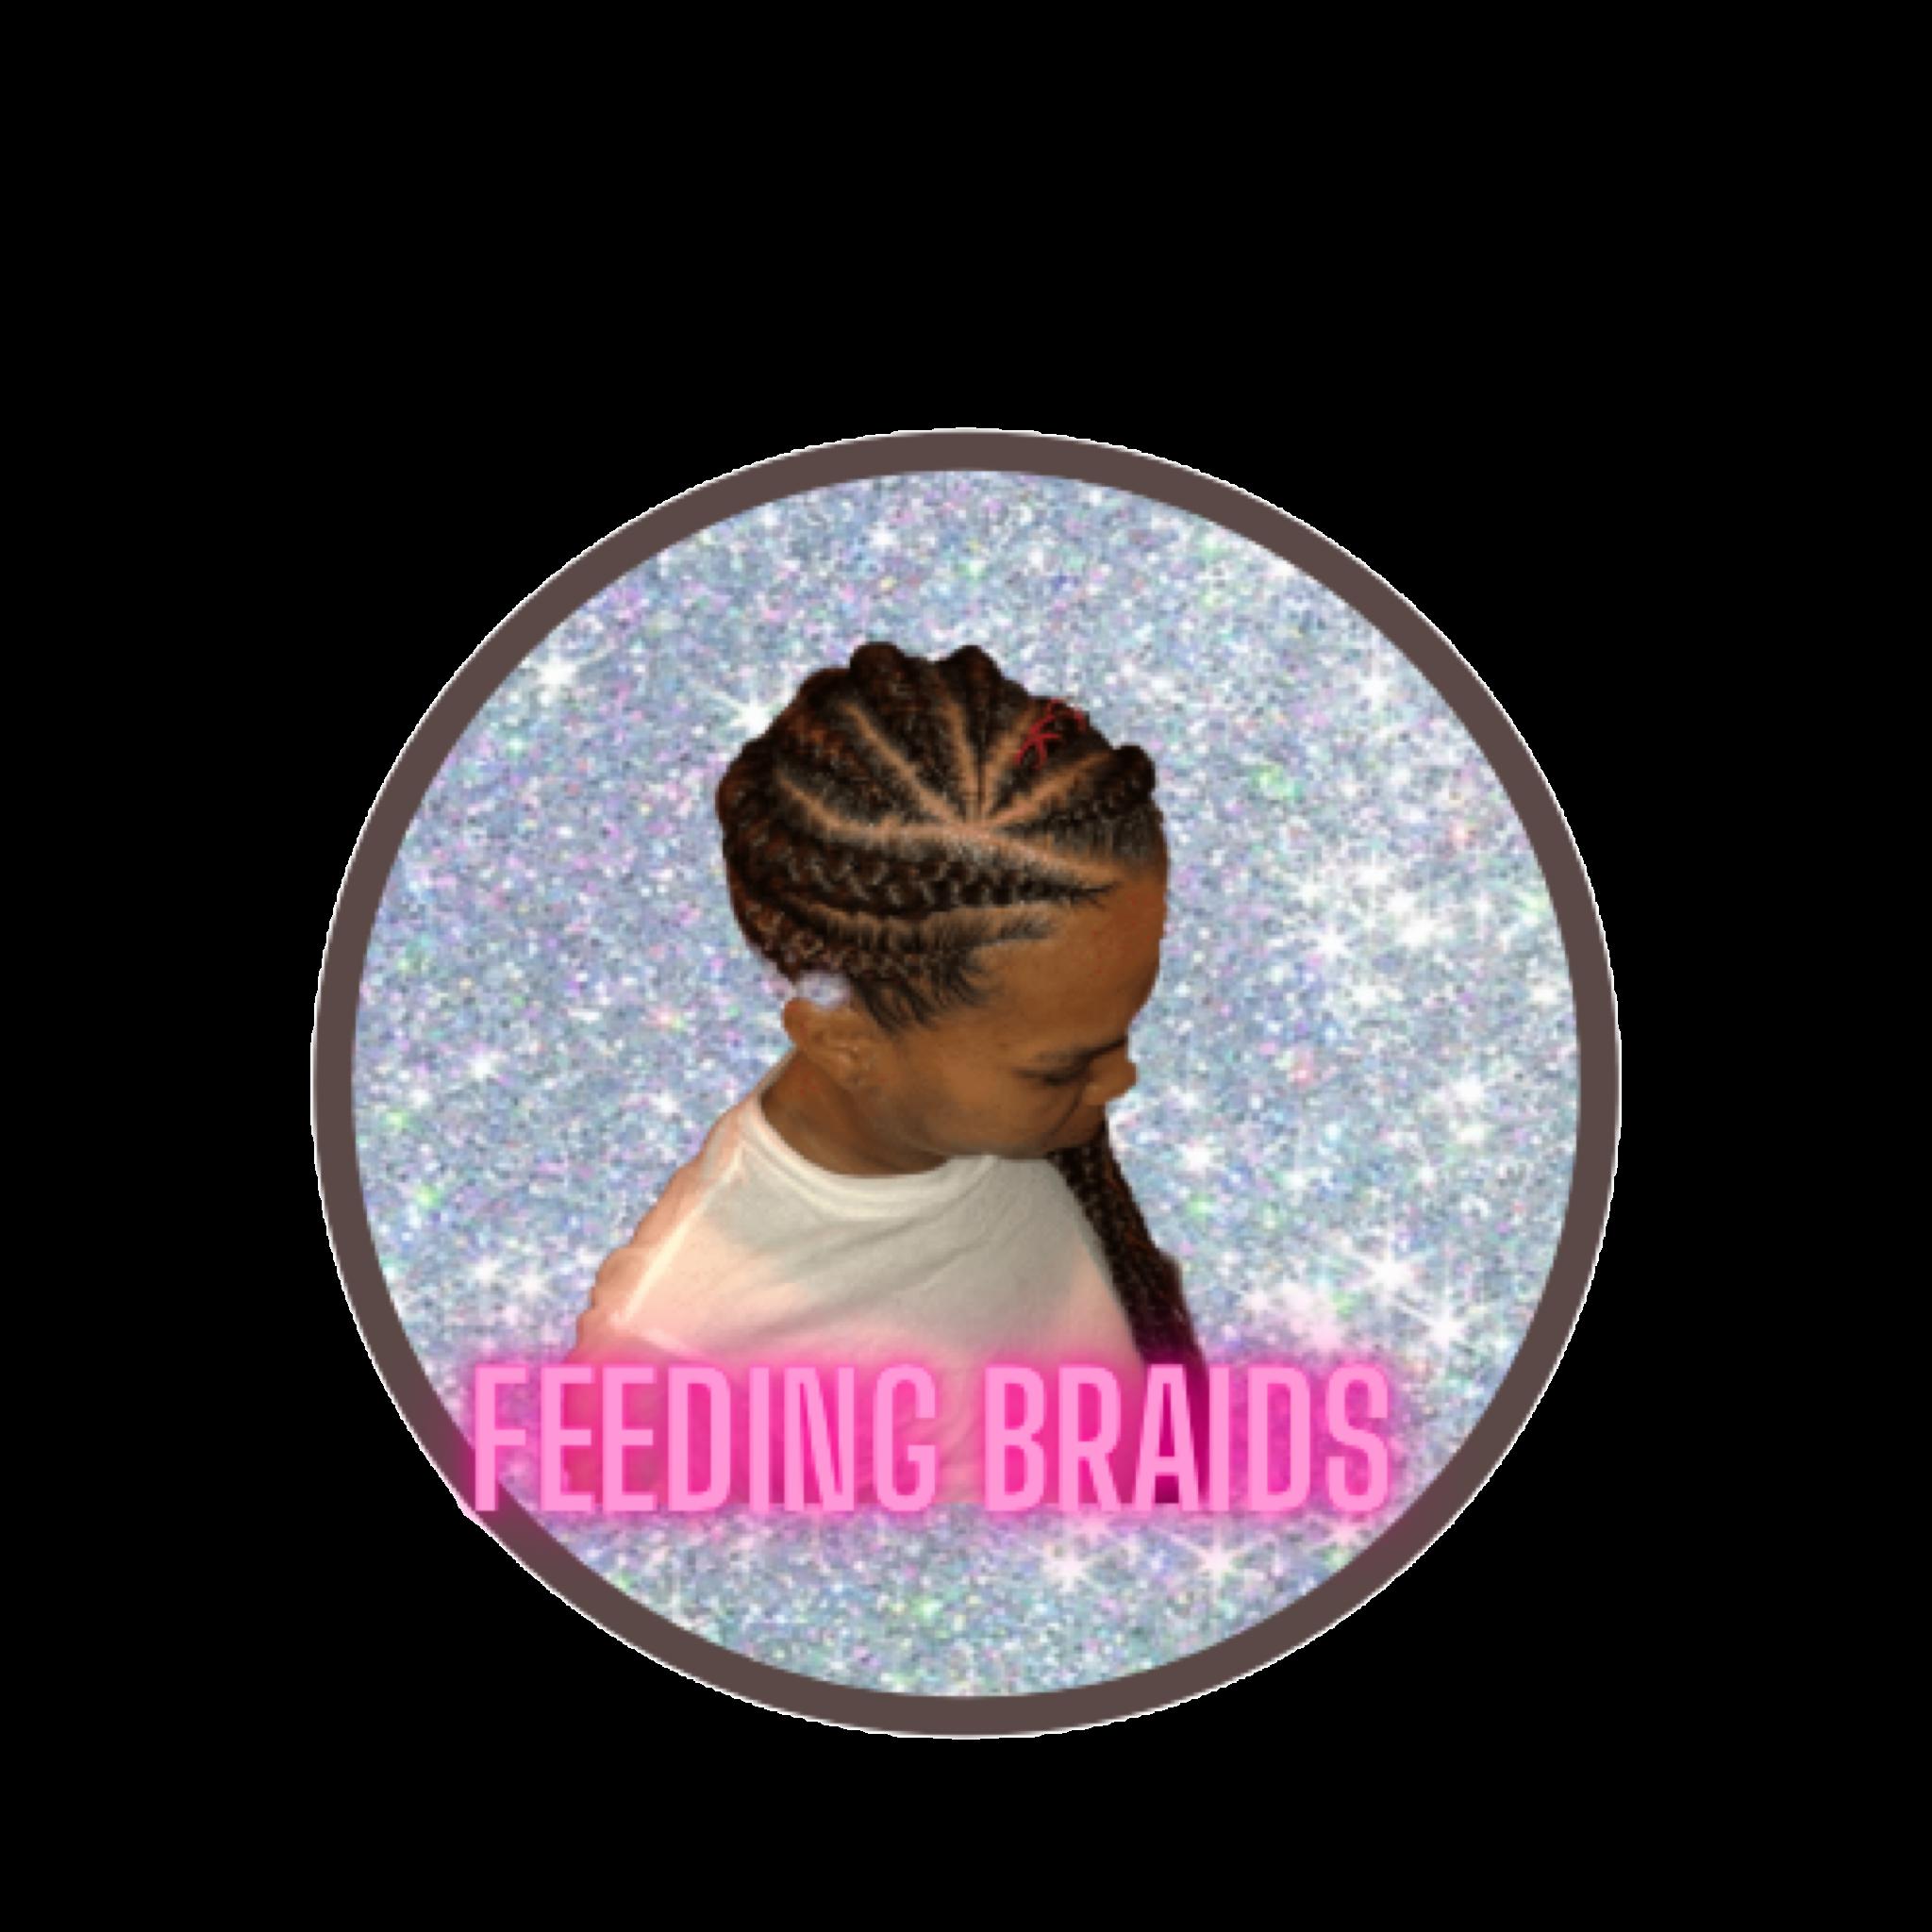 FEEDING BRAIDS